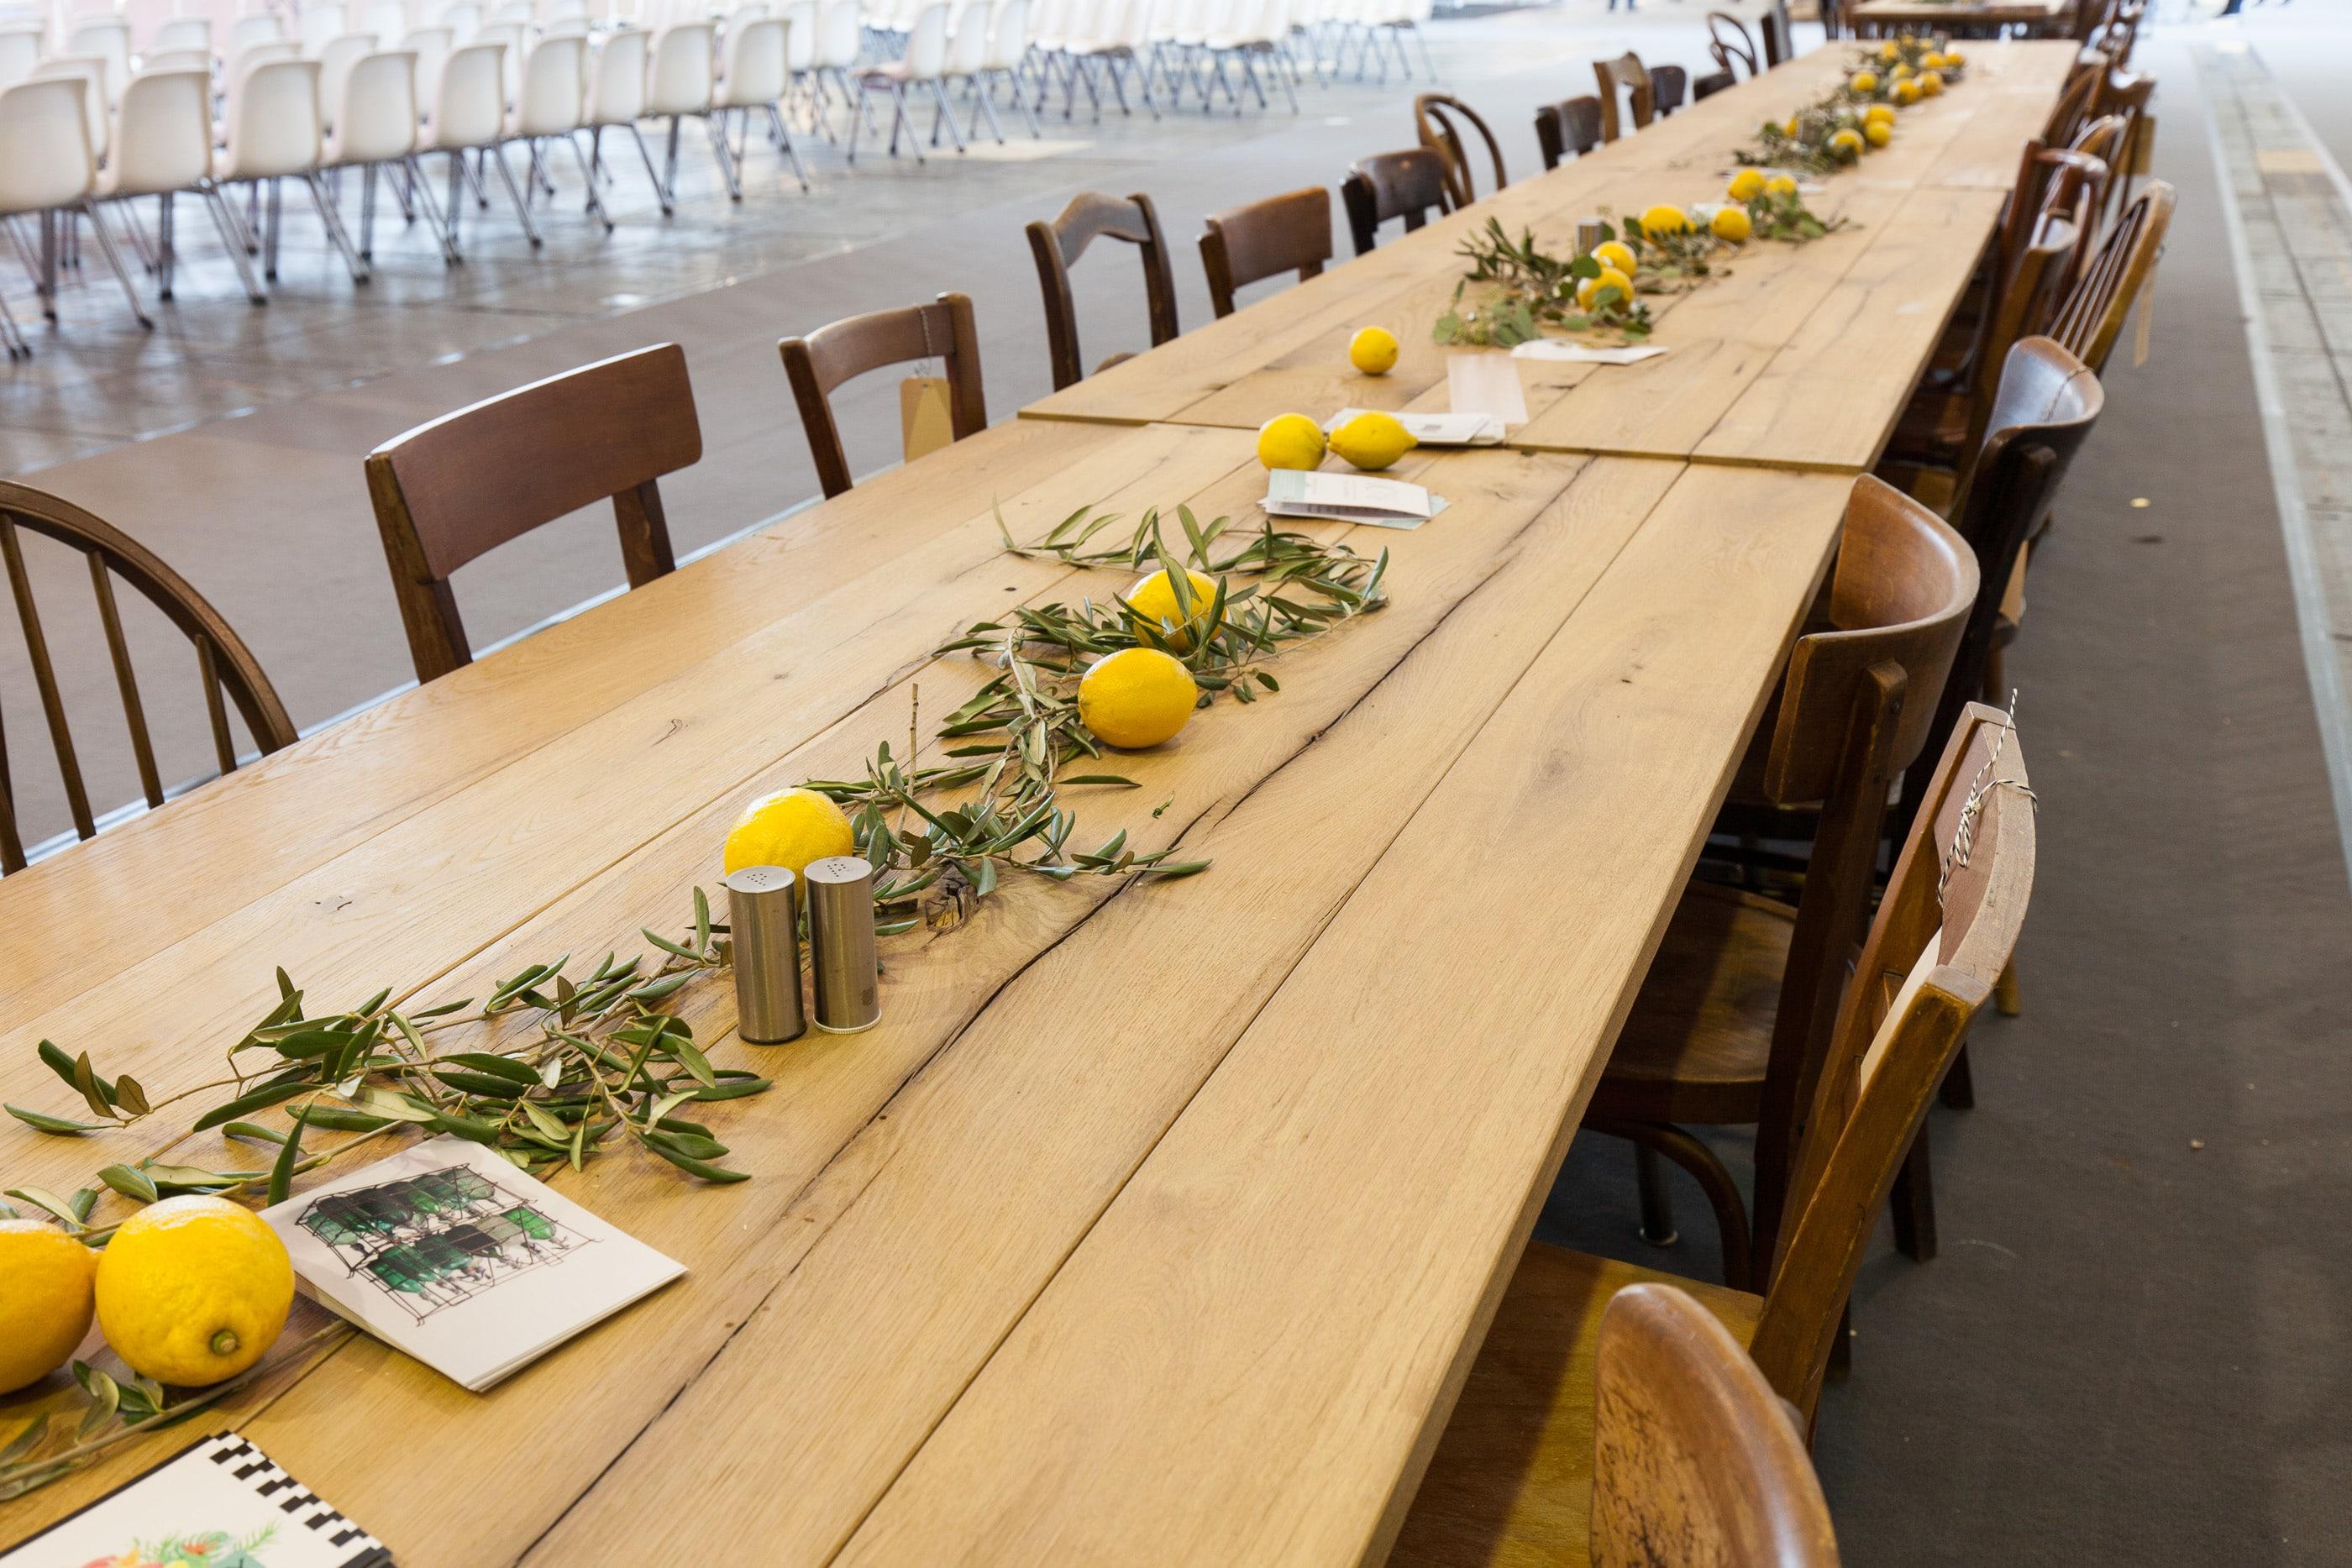 Lange Festtafel aus rustikalen Holzklapptischen. Mietmöbel, Eventmöbel mieten.